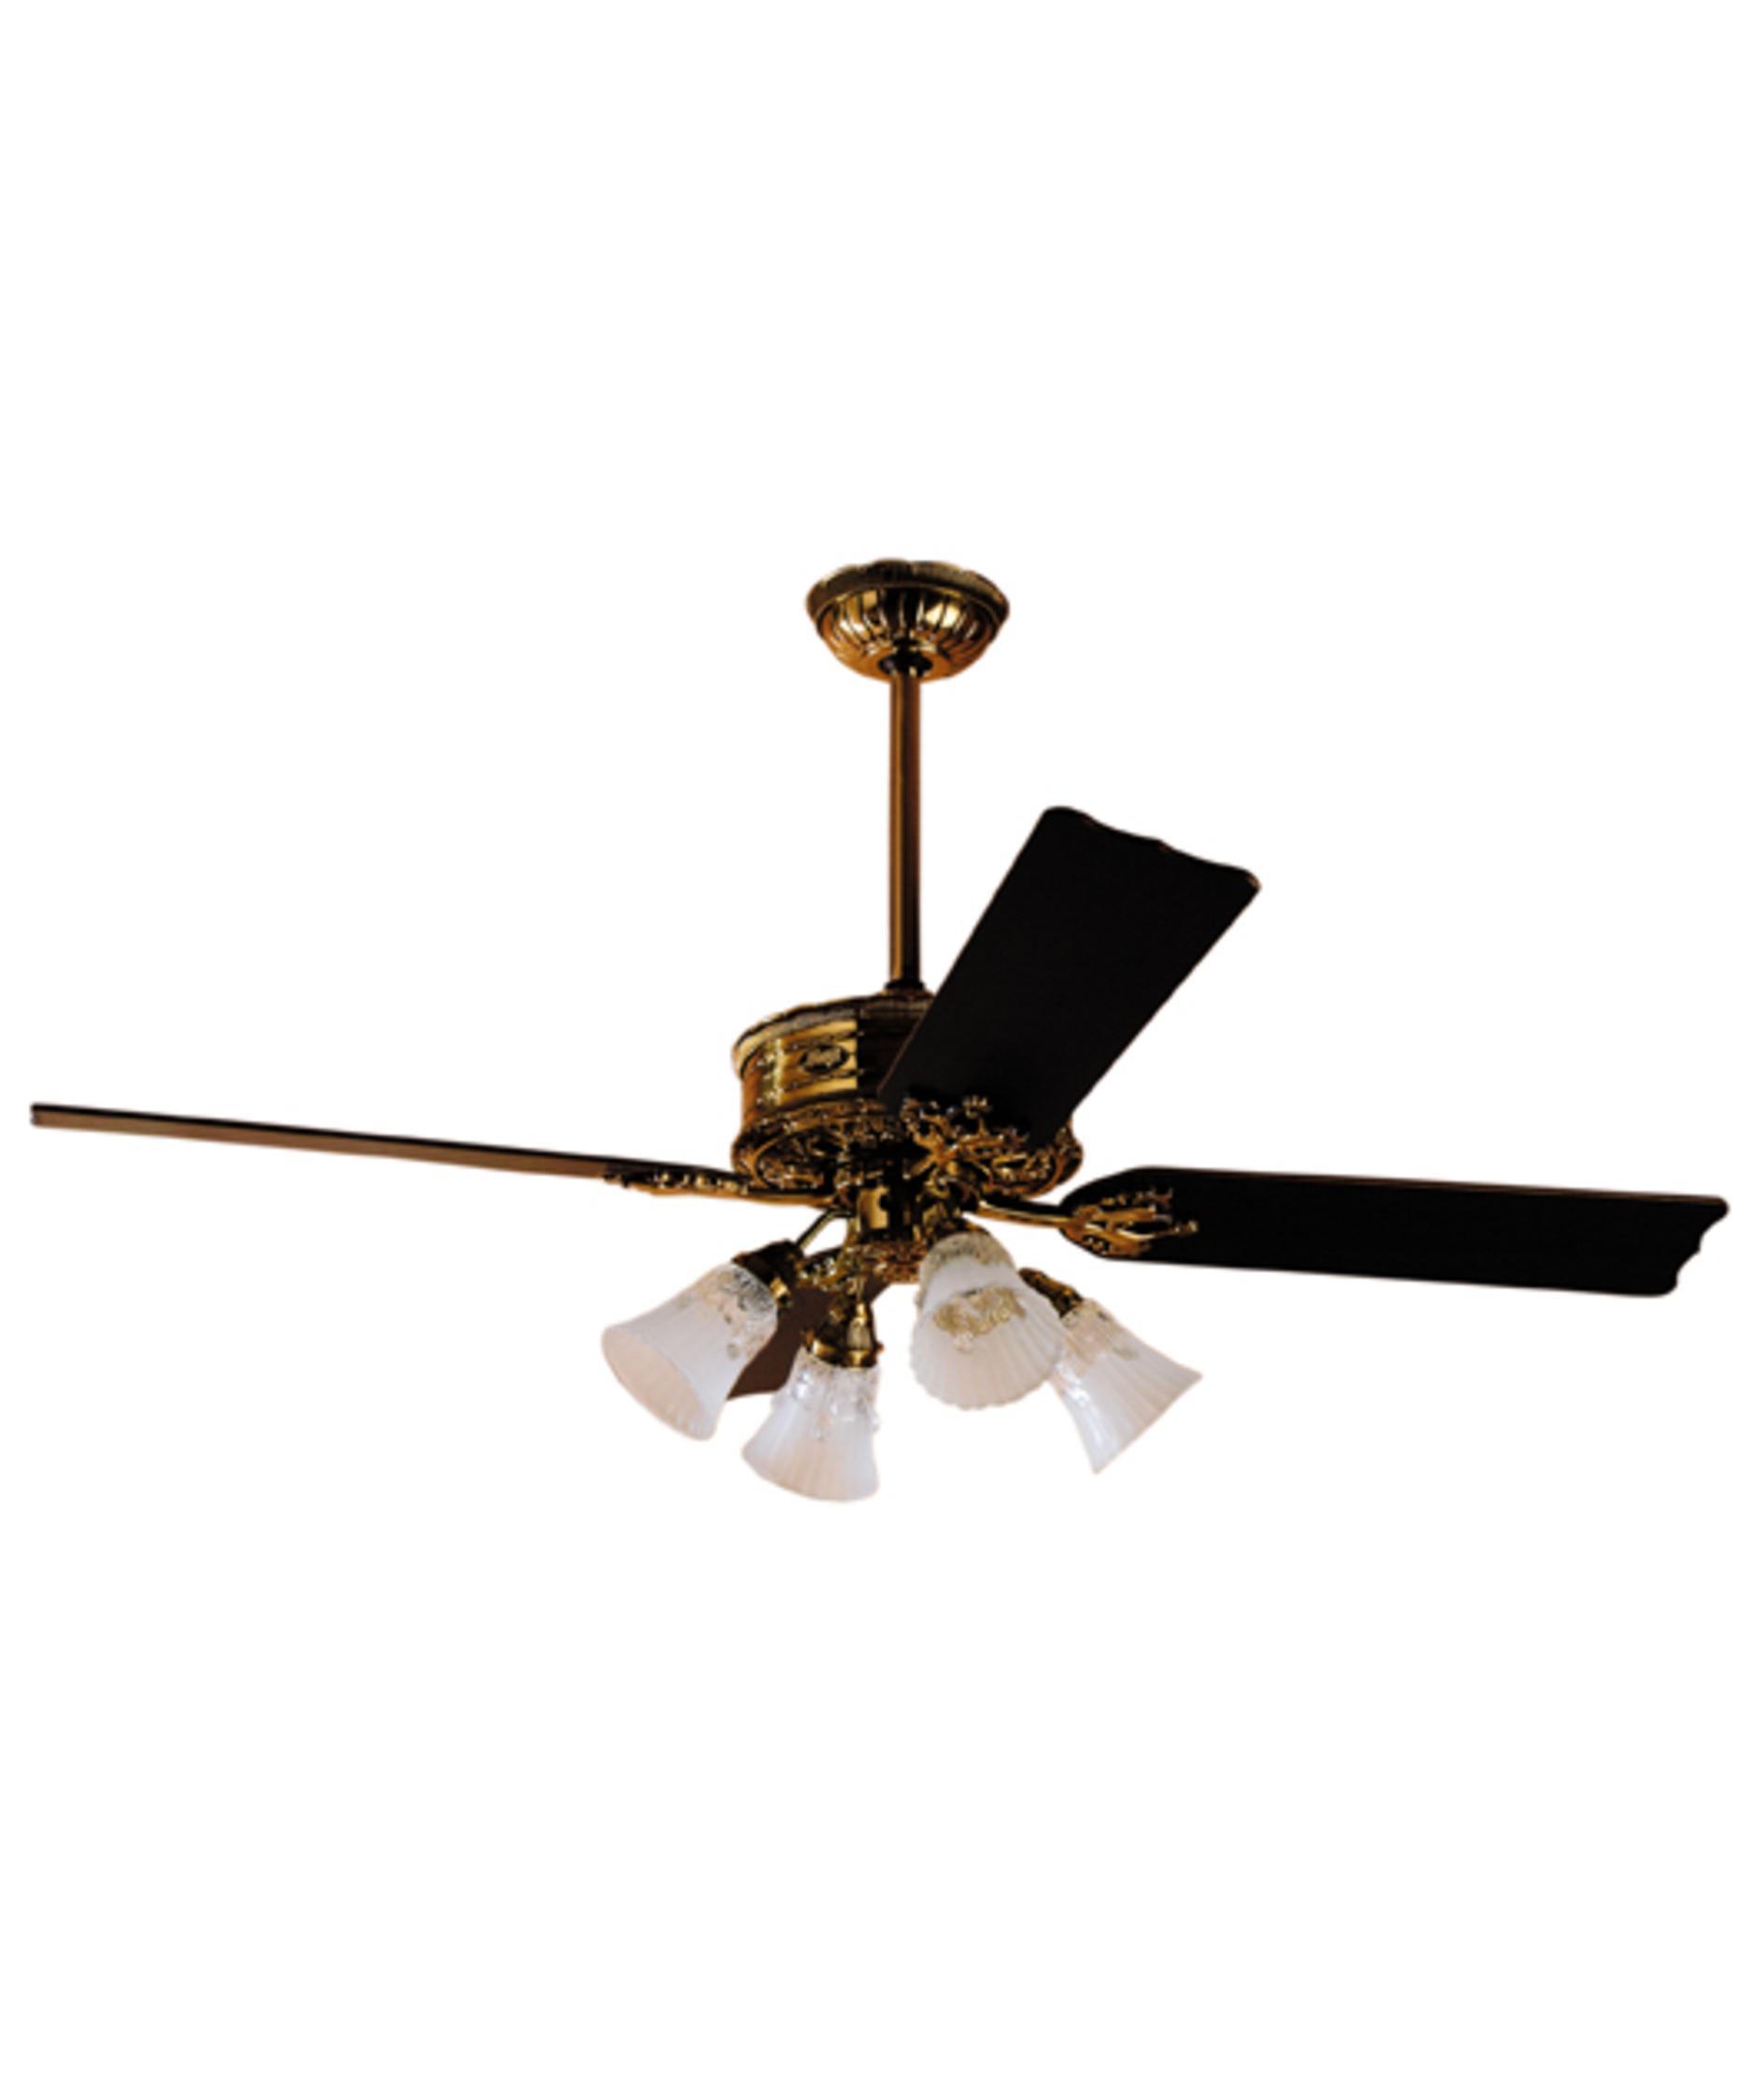 hunter fan 21897 covent garden 56 inch ceiling fan with light kit